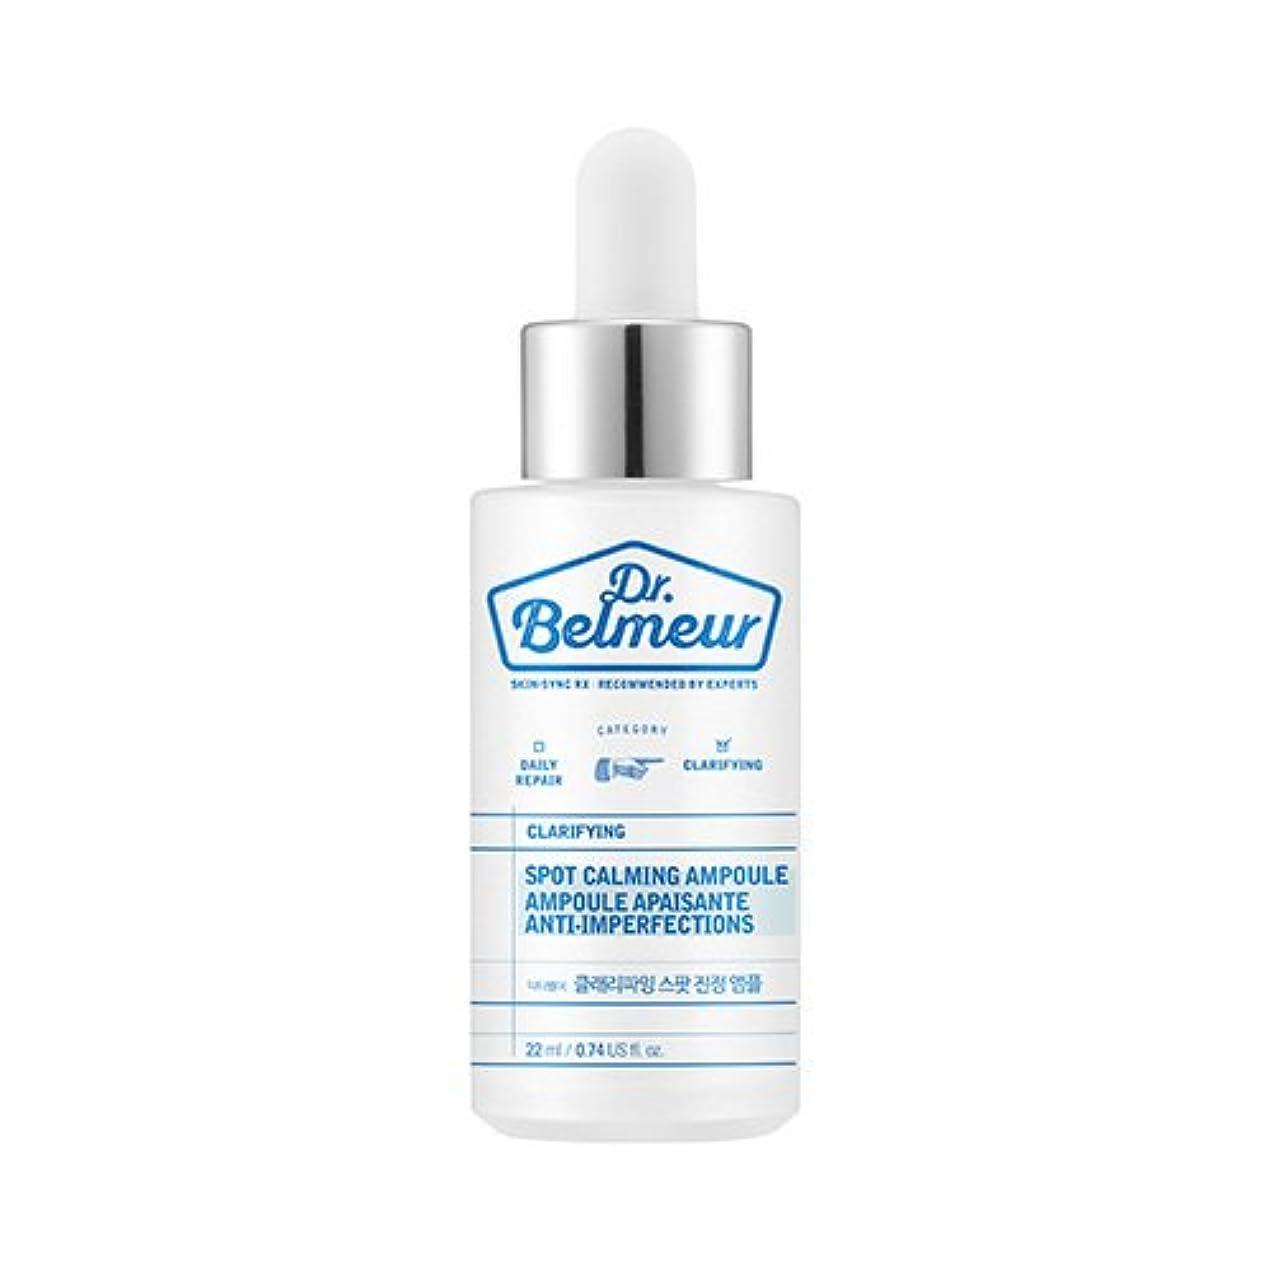 アルバニー失業者疑問を超えてTHE FACE SHOP Dr.Belmeur Clarifying Spot Calming Ampoule 22ml/ザフェイスショップ ドクターベルムール クラリファイング スポット カーミング アンプル 22ml